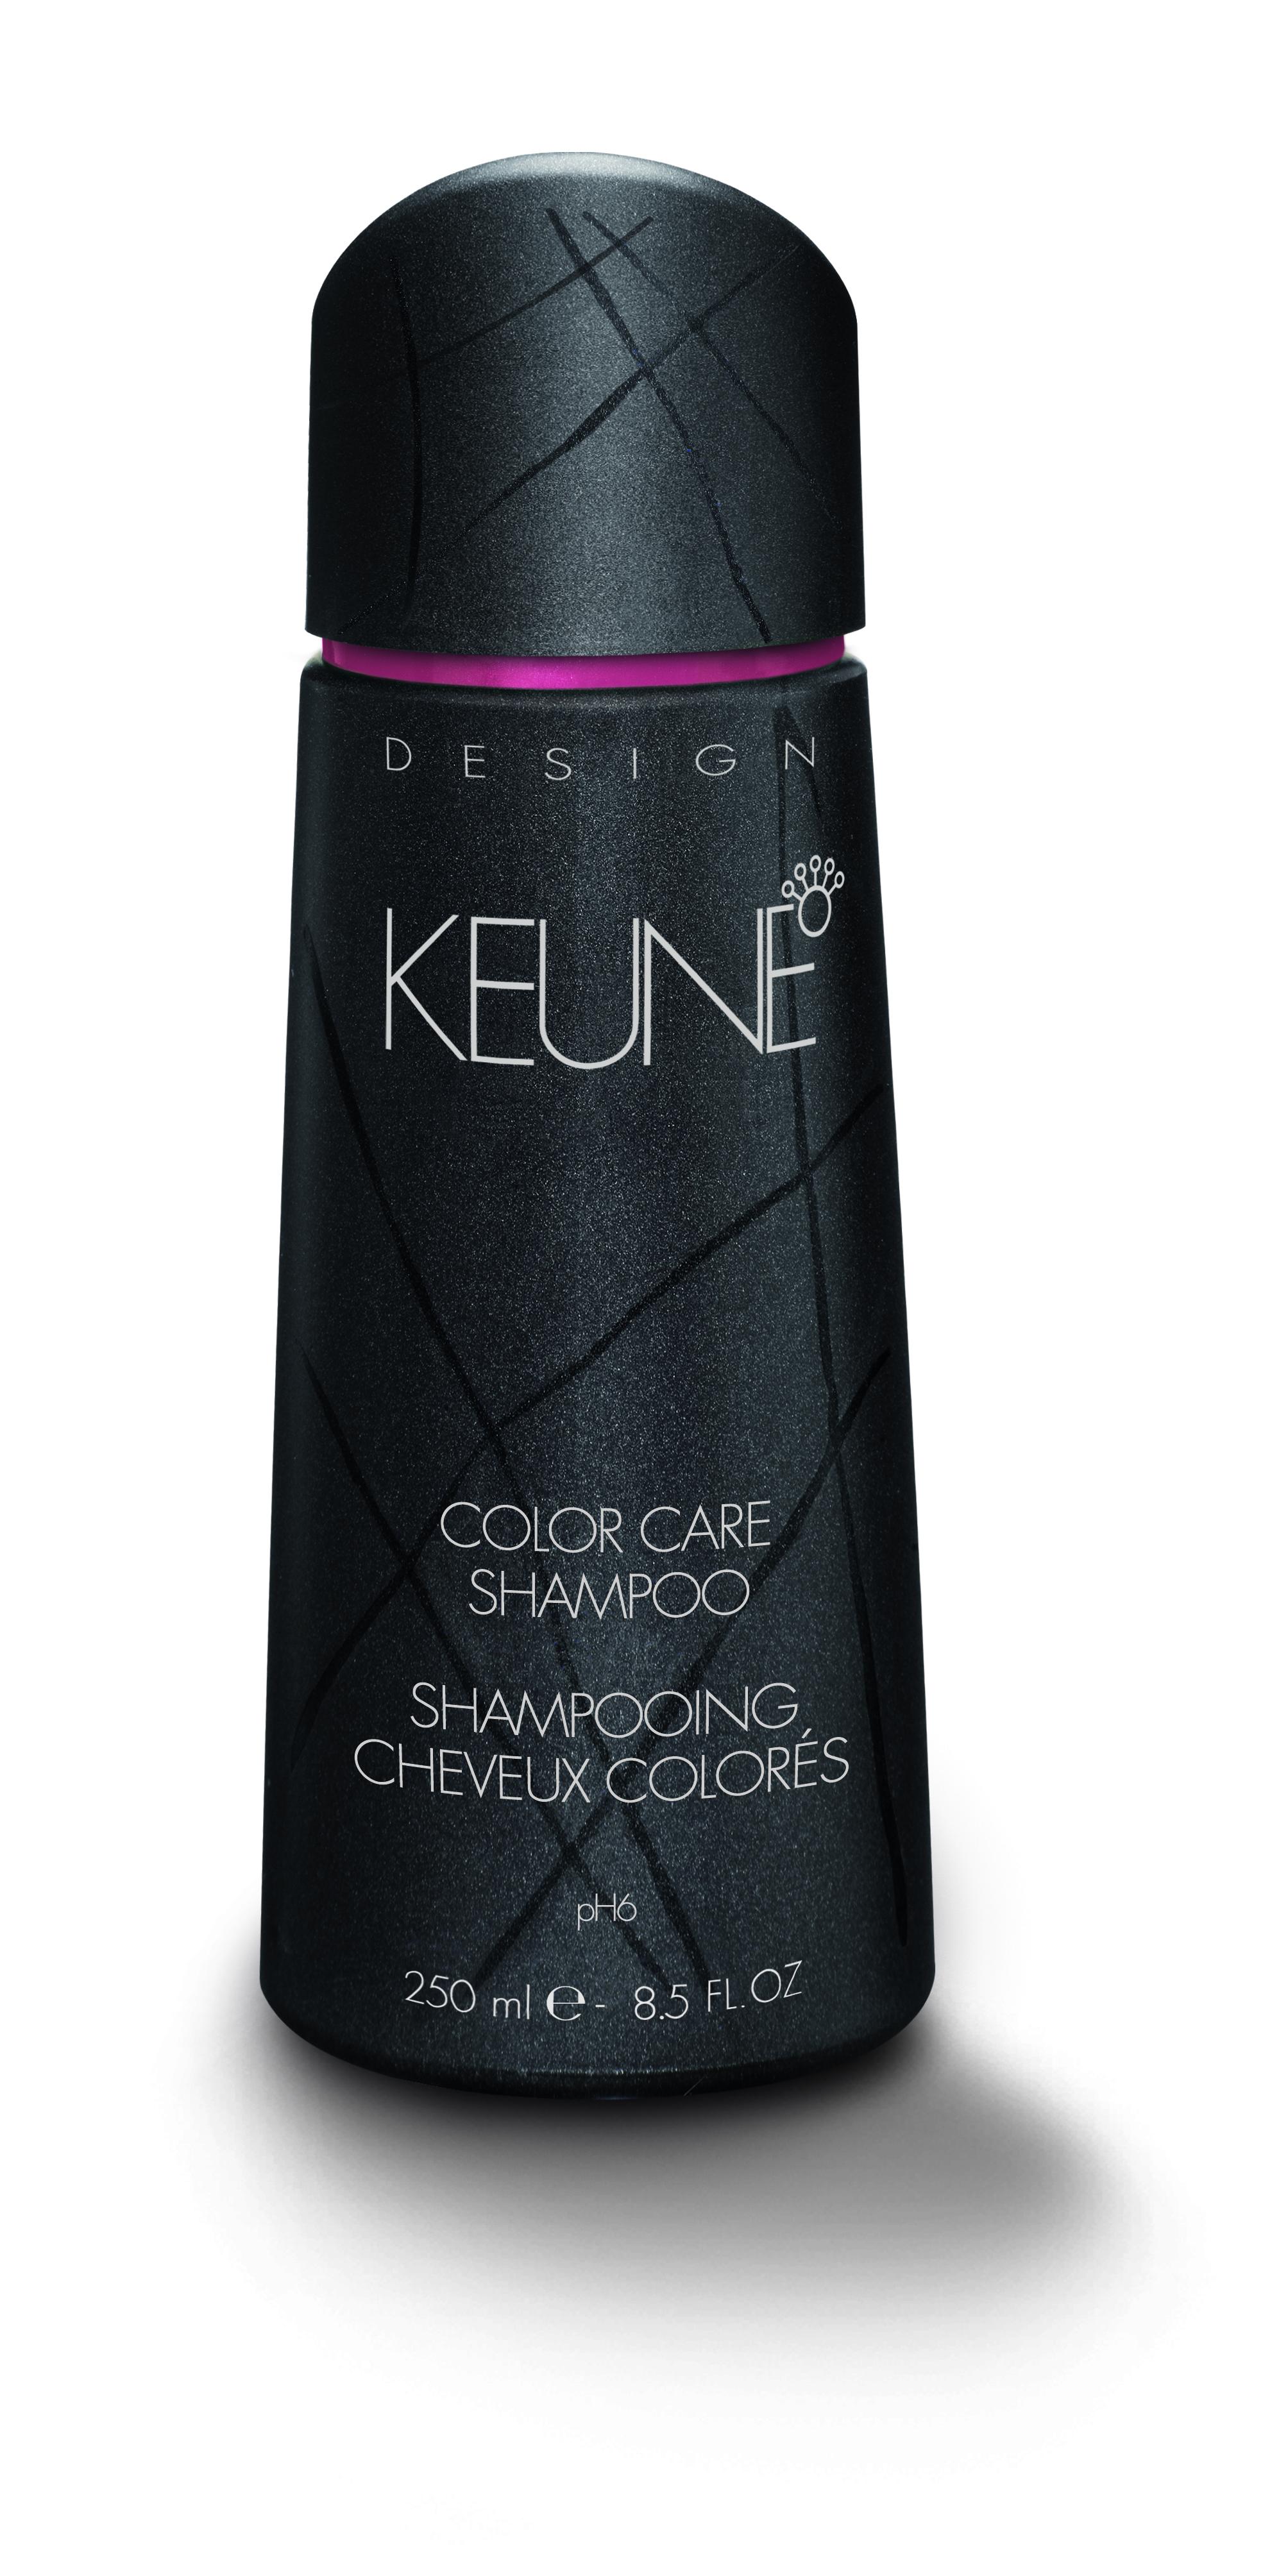 KEUNE Шампунь Стойкий цвет / COLOR CARE SHAMPOO 250млШампуни<br>Рекомендован для поддержания стойкого результата окрашивания и прекрасного блеска. Сохранит глубину цвета в домашних условиях. Активный состав: Соламер, экстракт семян подсолнечника, протеины морского шелка. Применение: Нанесите небольшое количество шампуня на волосы. После нанесения оставьте его на волосах на 2-3 минуты, после чего вспеньте. Смойте теплой водой.<br><br>Объем: 250<br>Вид средства для волос: Стойкая<br>Типы волос: Окрашенные